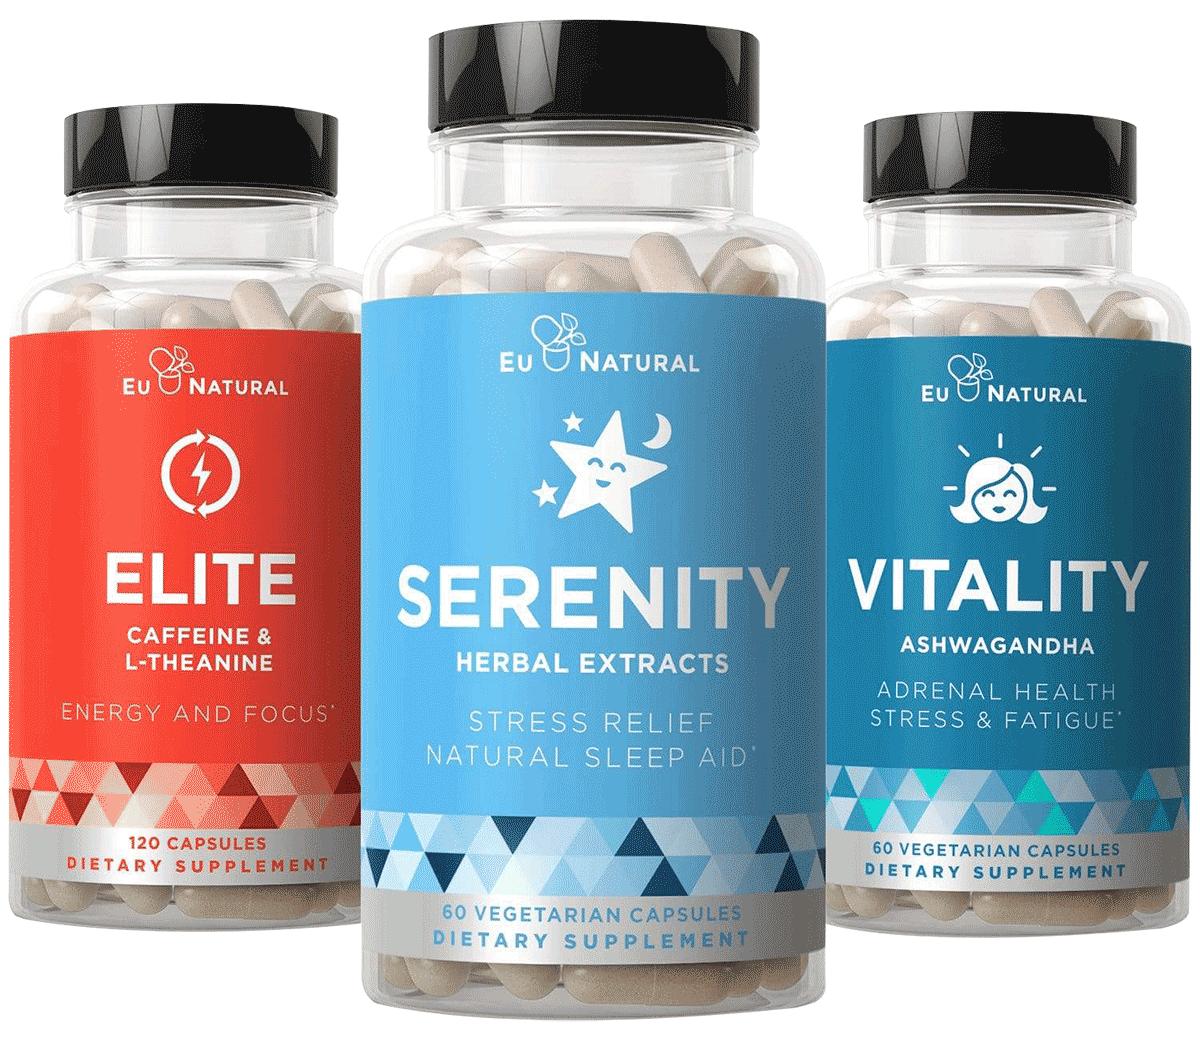 Eu Natural Elite, Serenity, Vitality